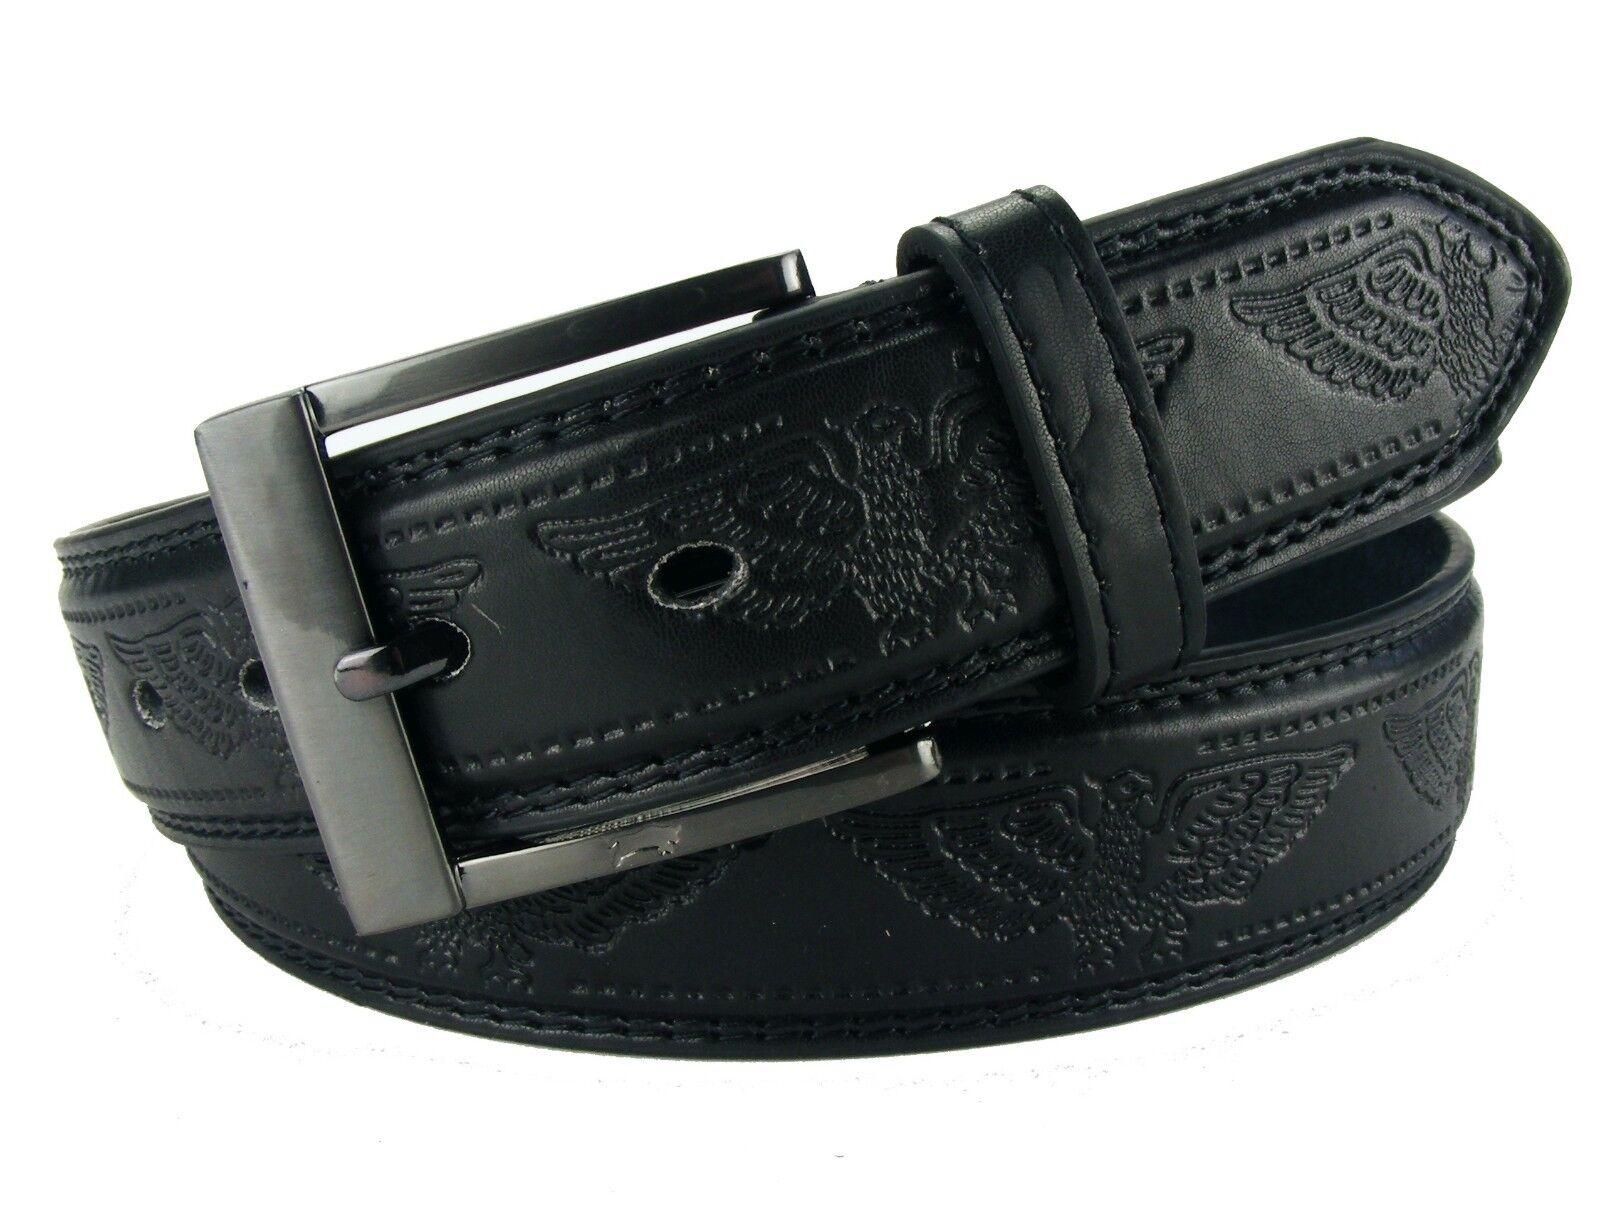 Herrengürtel mit Adler Gürtel Jeansgürtel glatt Damengürtel schwarz #HRG32D